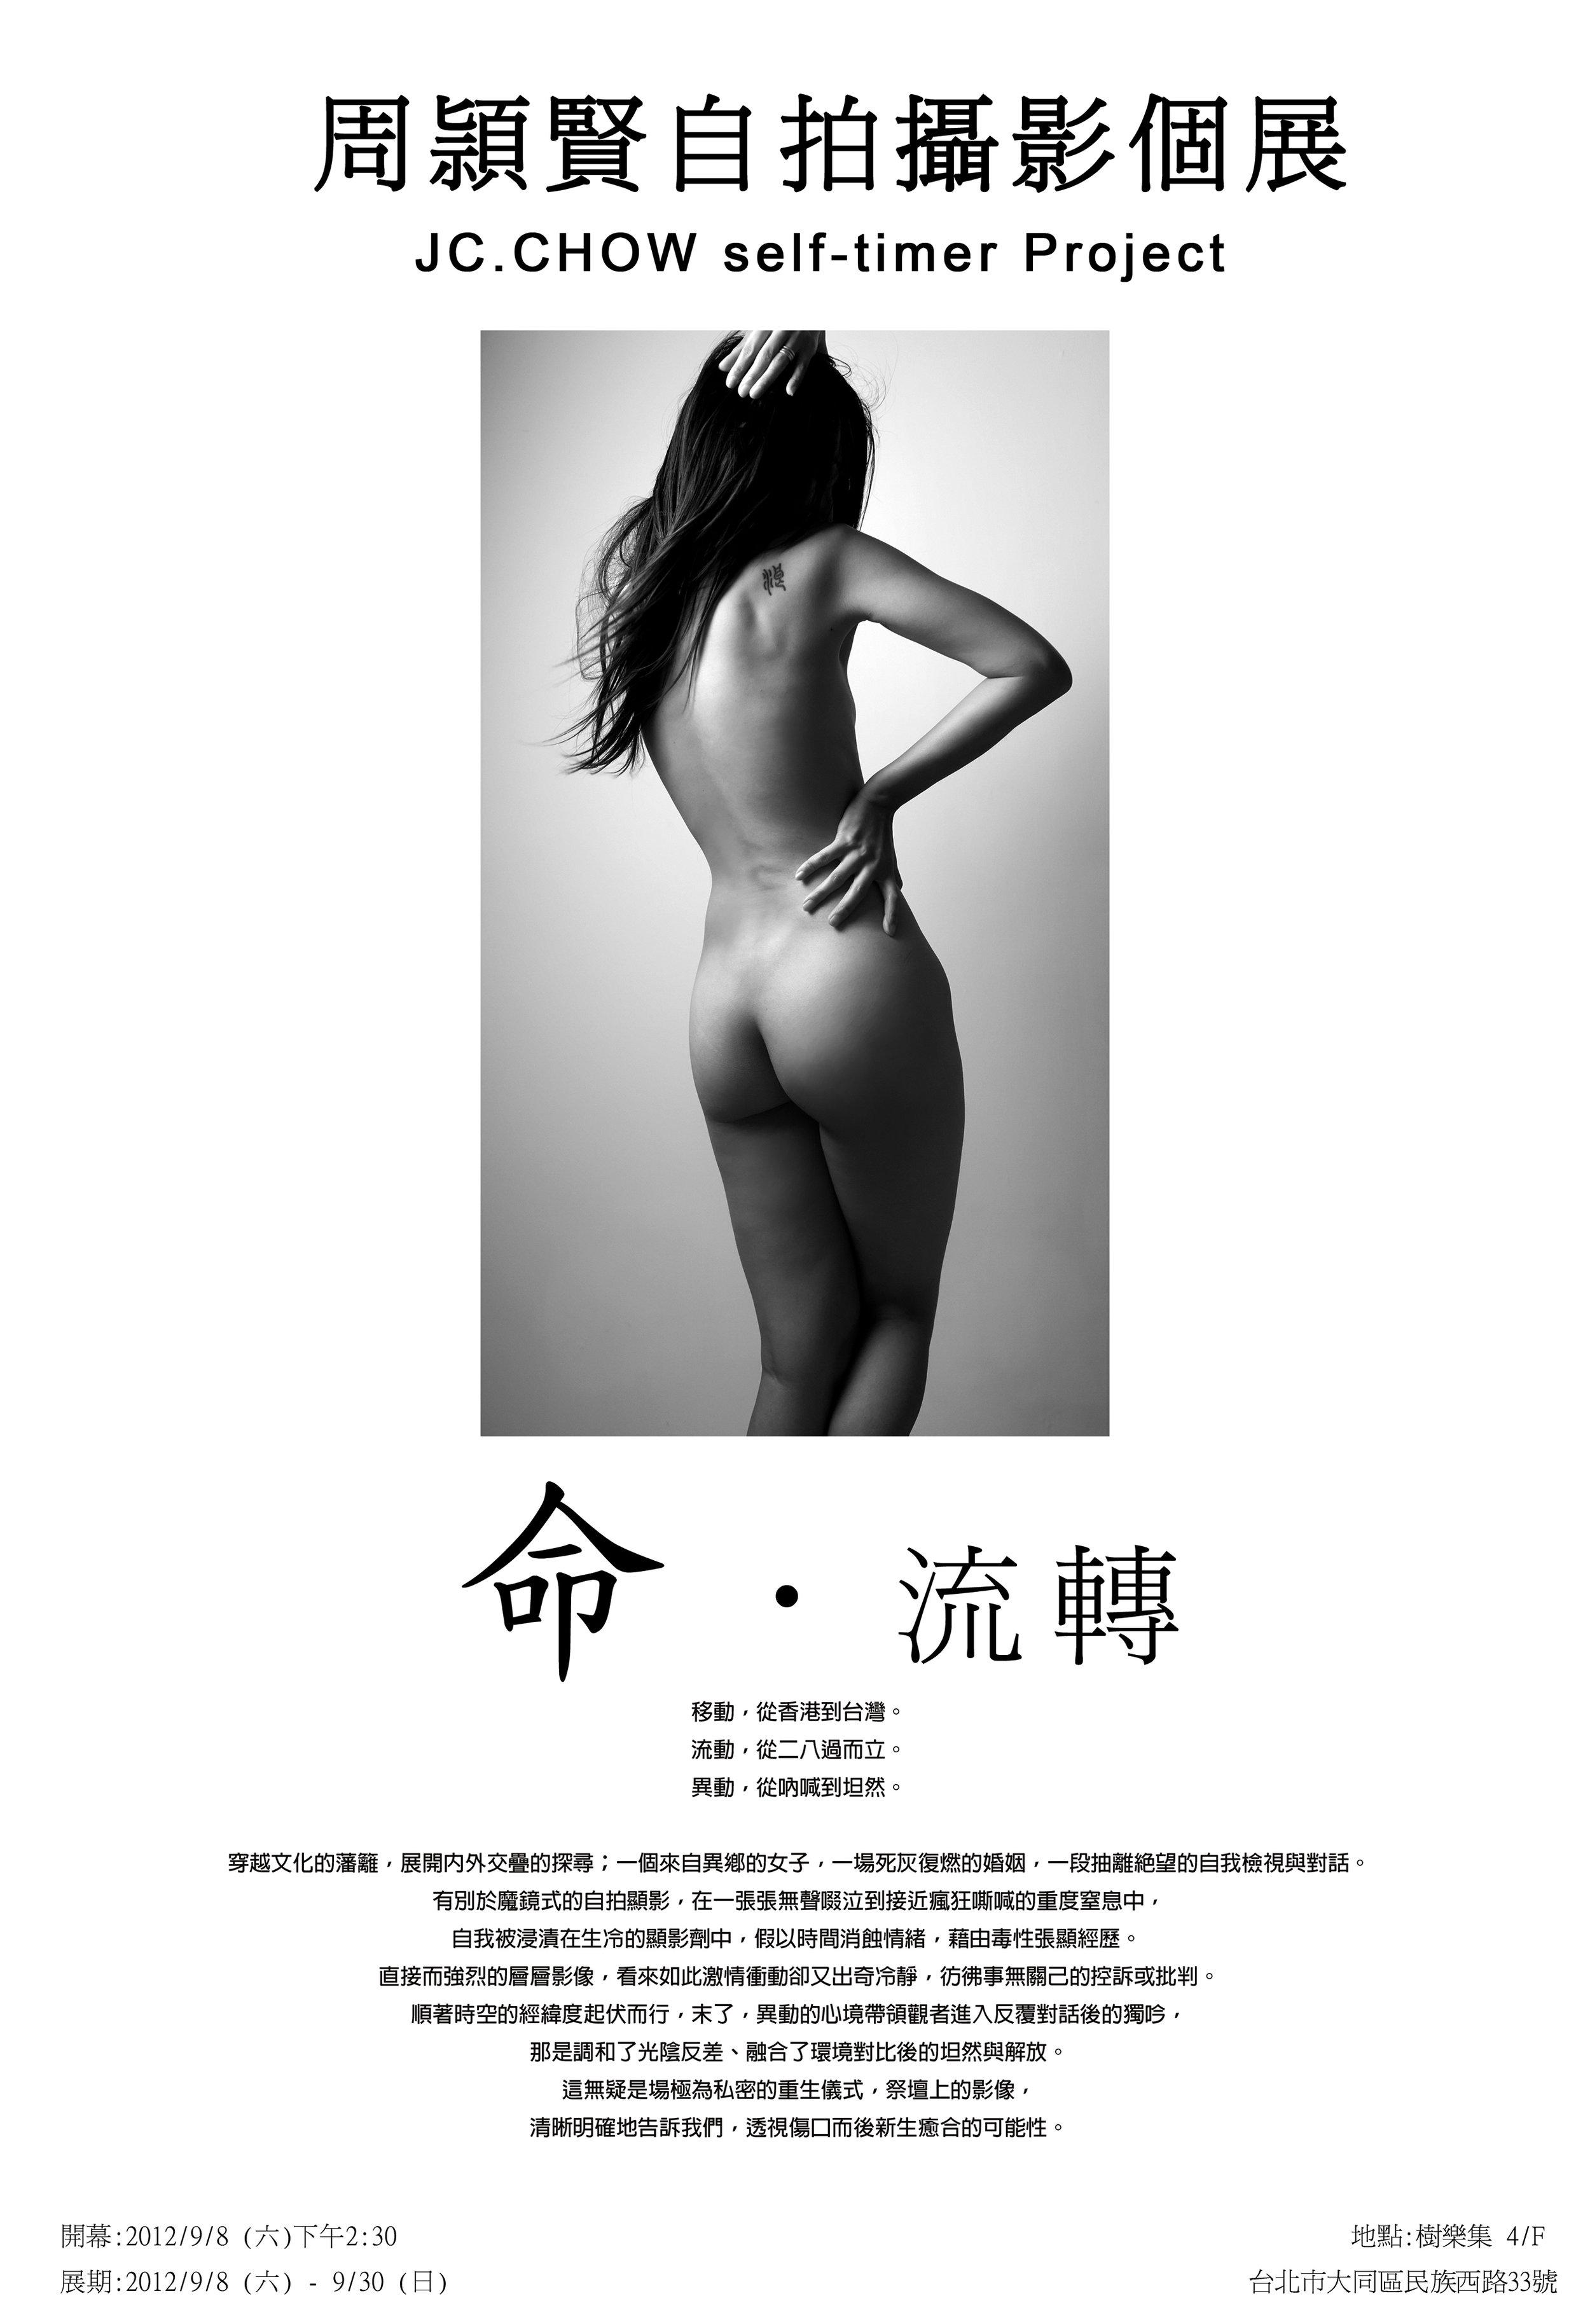 2012年自拍攝影個展海報,圖為JC .CHOW自拍作品